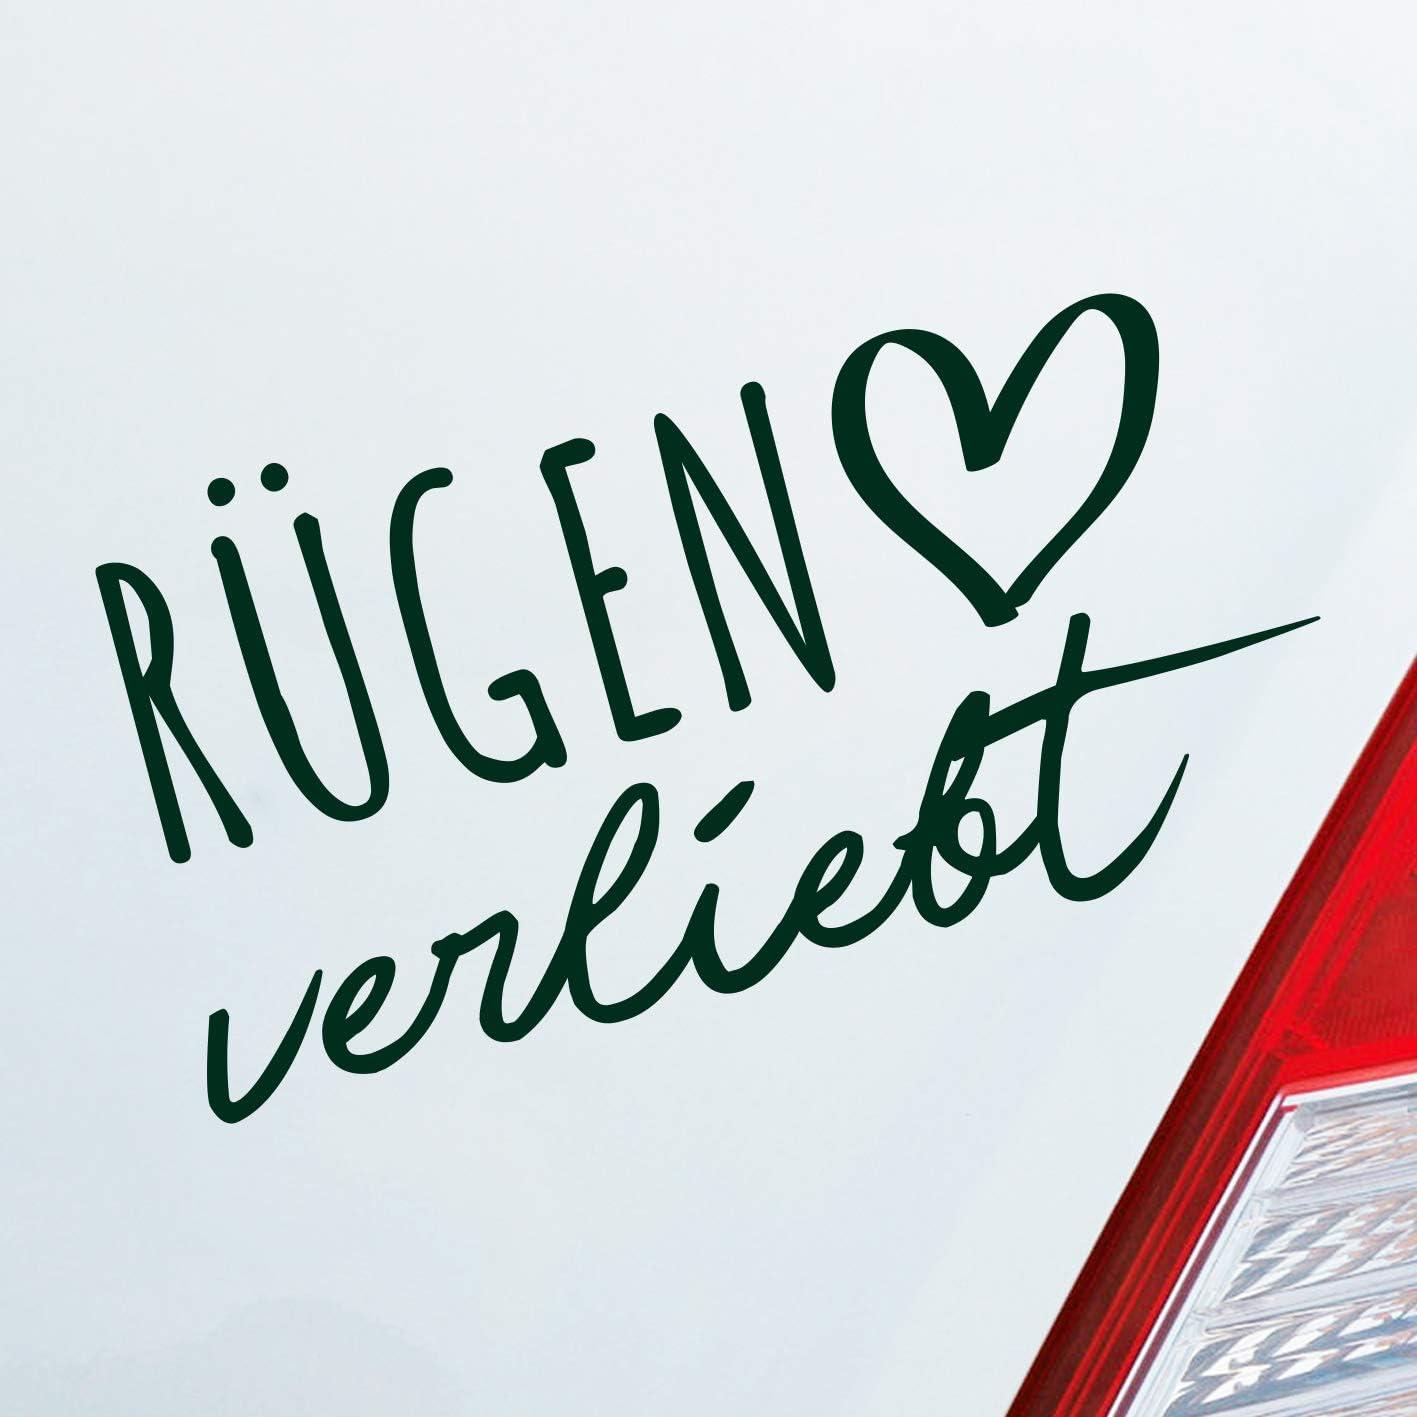 Hellweg Druckerei Auto Aufkleber Rügen Verliebt Herz Insel Ostsee Liebe Car Sticker Dunkelgrün Auto